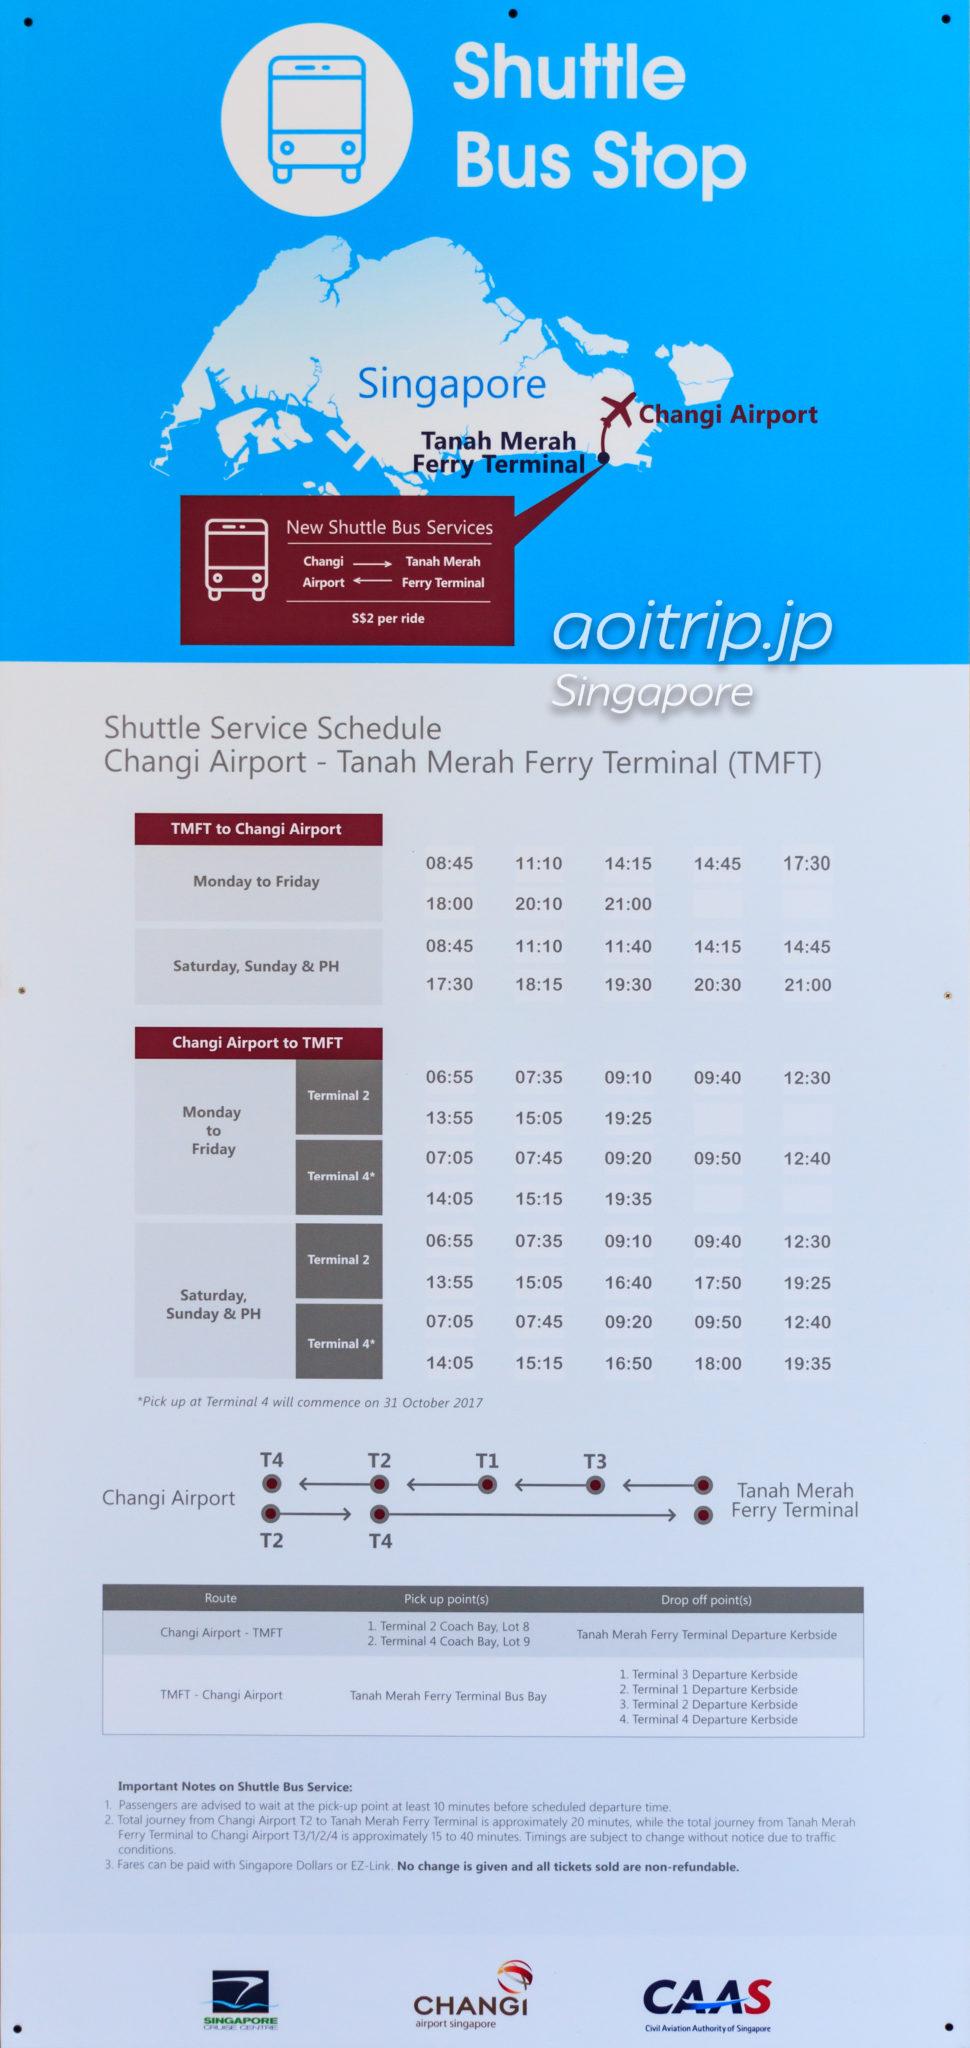 チャンギ空港⇆タナメラフェリーターミナル シャトルバスの時刻表